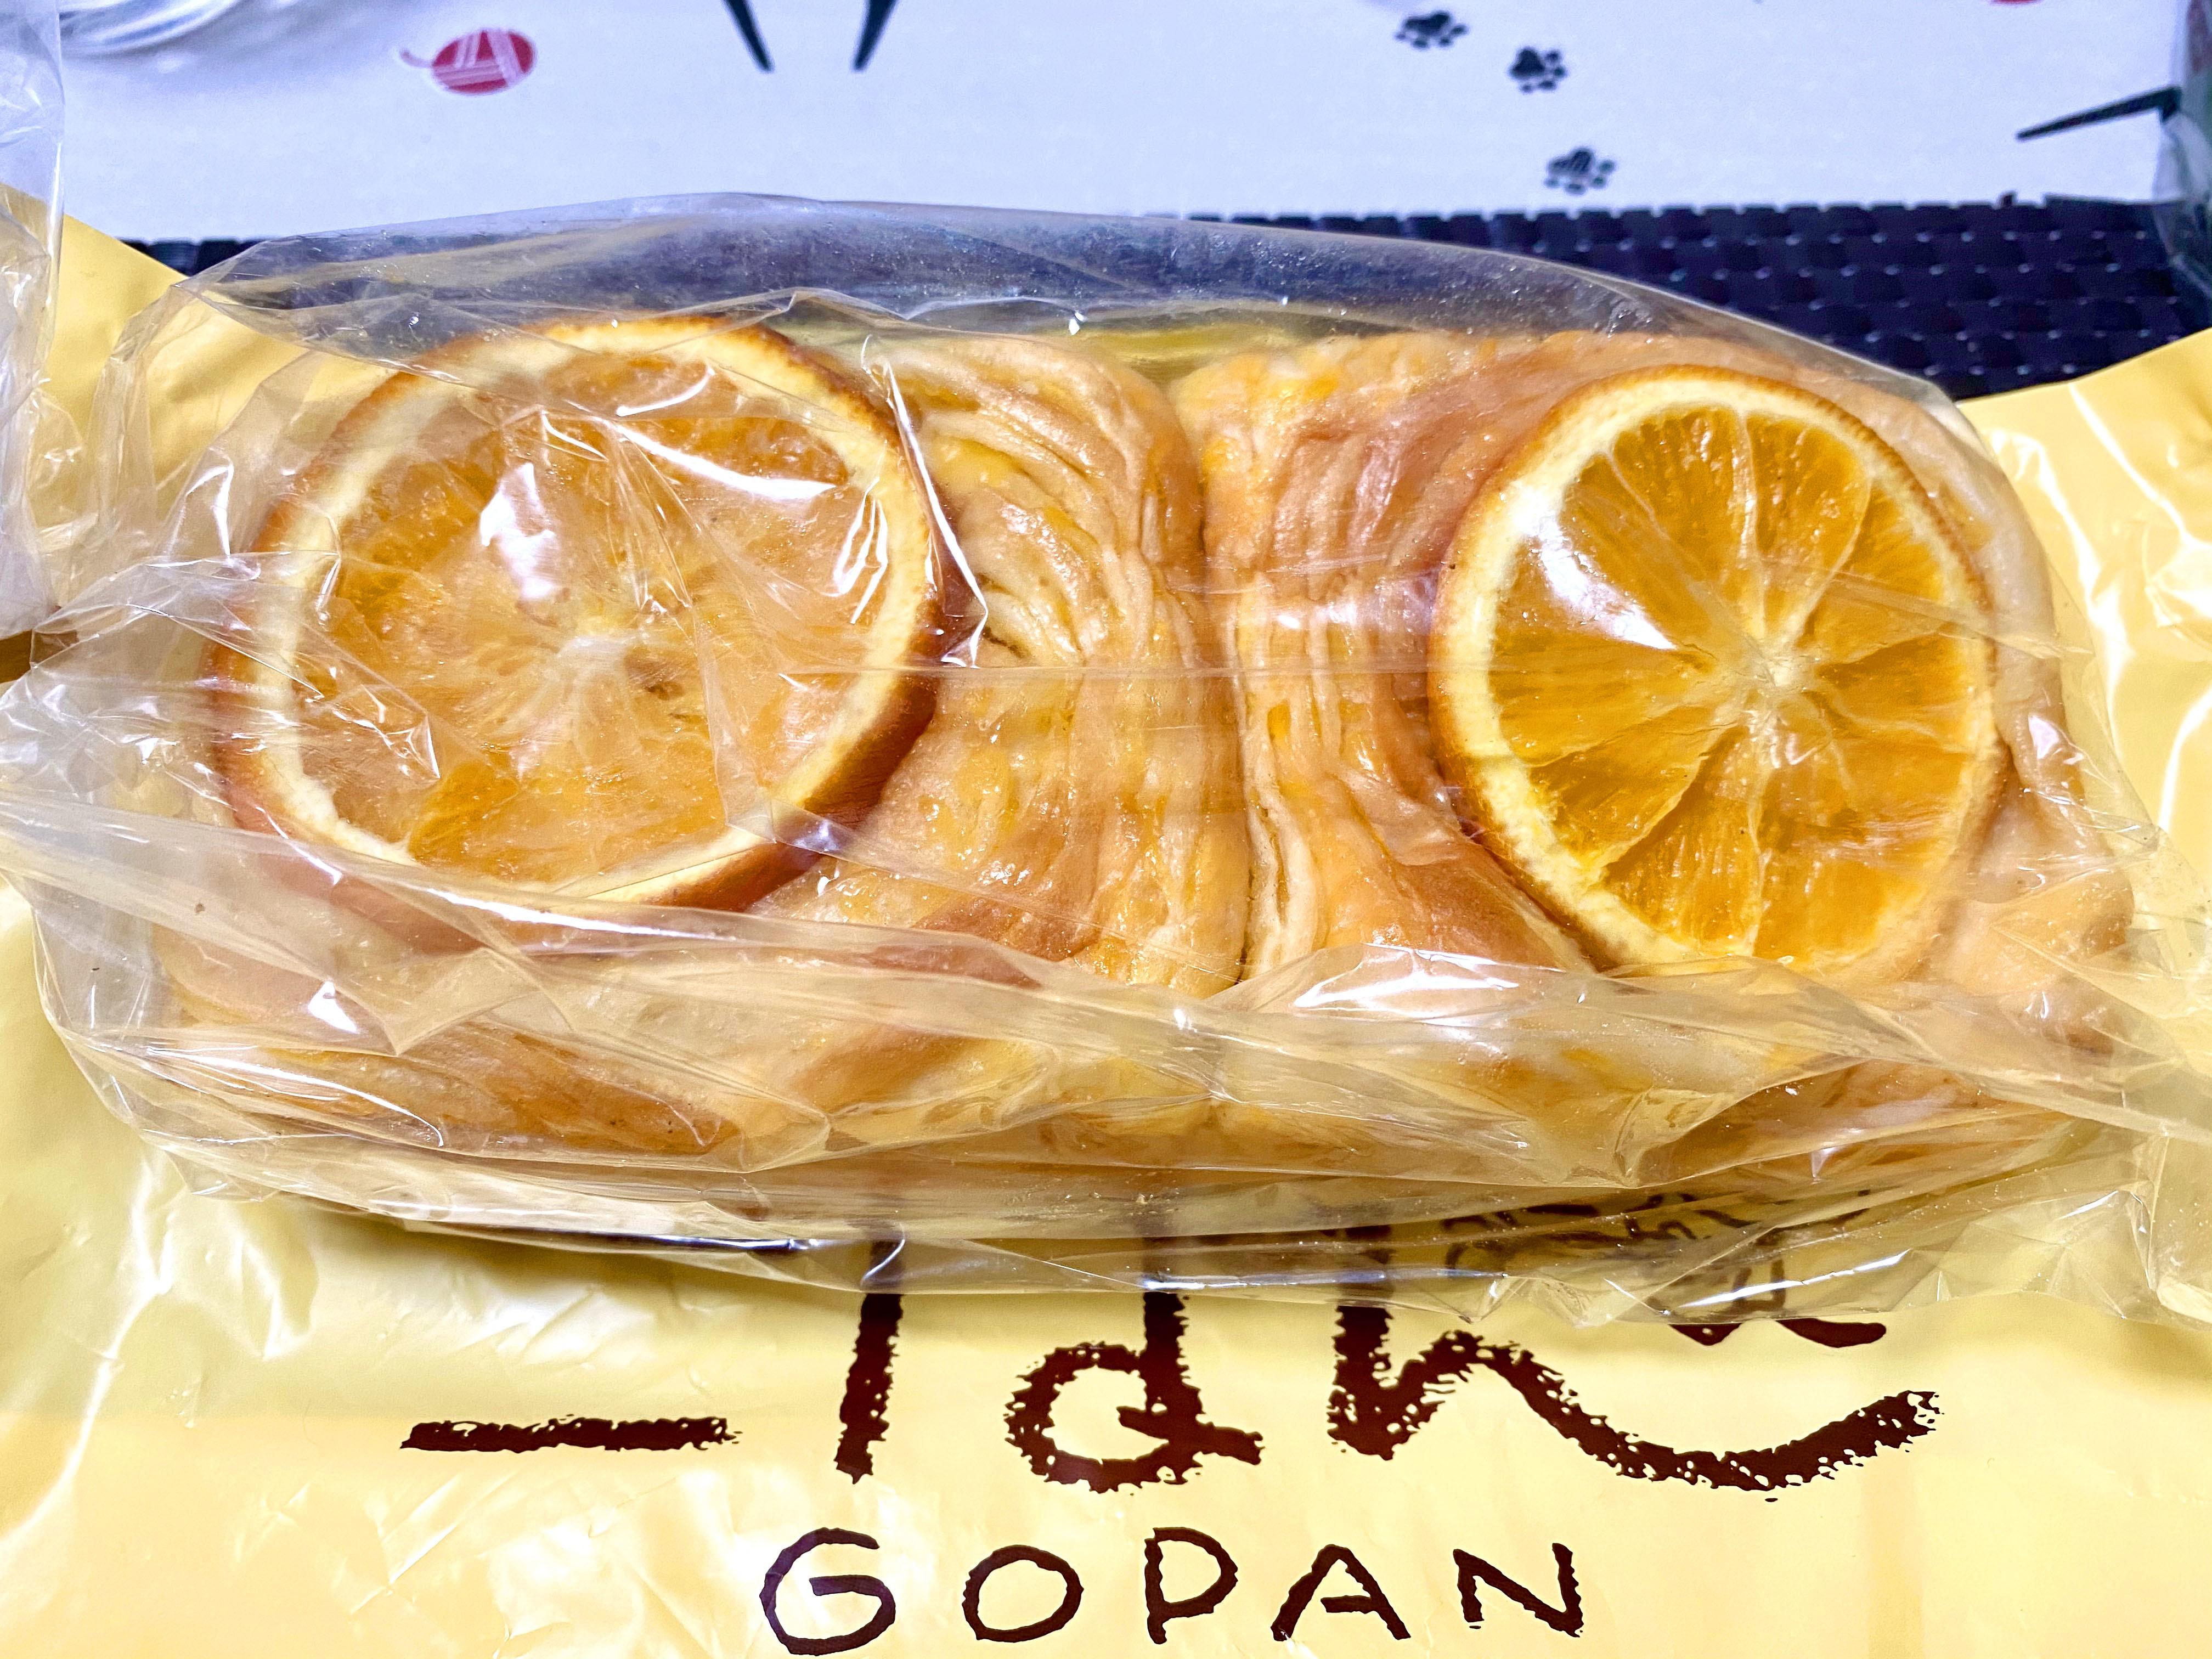 ジューシーオレンジ 250円